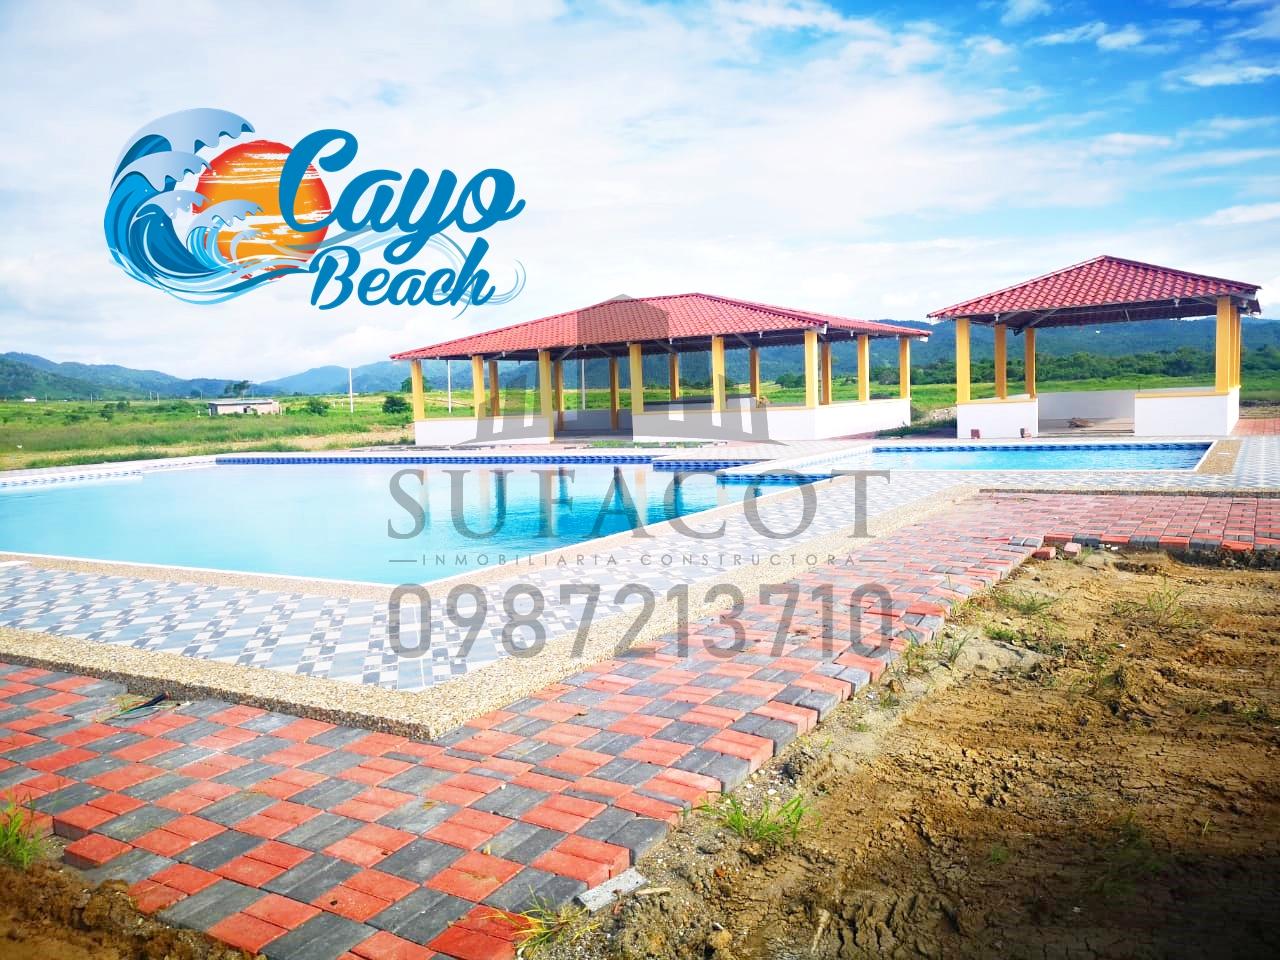 venta-de-terrenos-lotizacion-cayo-beach-en-la-playa-de-puerto-cayo-jijpija-manabi-1